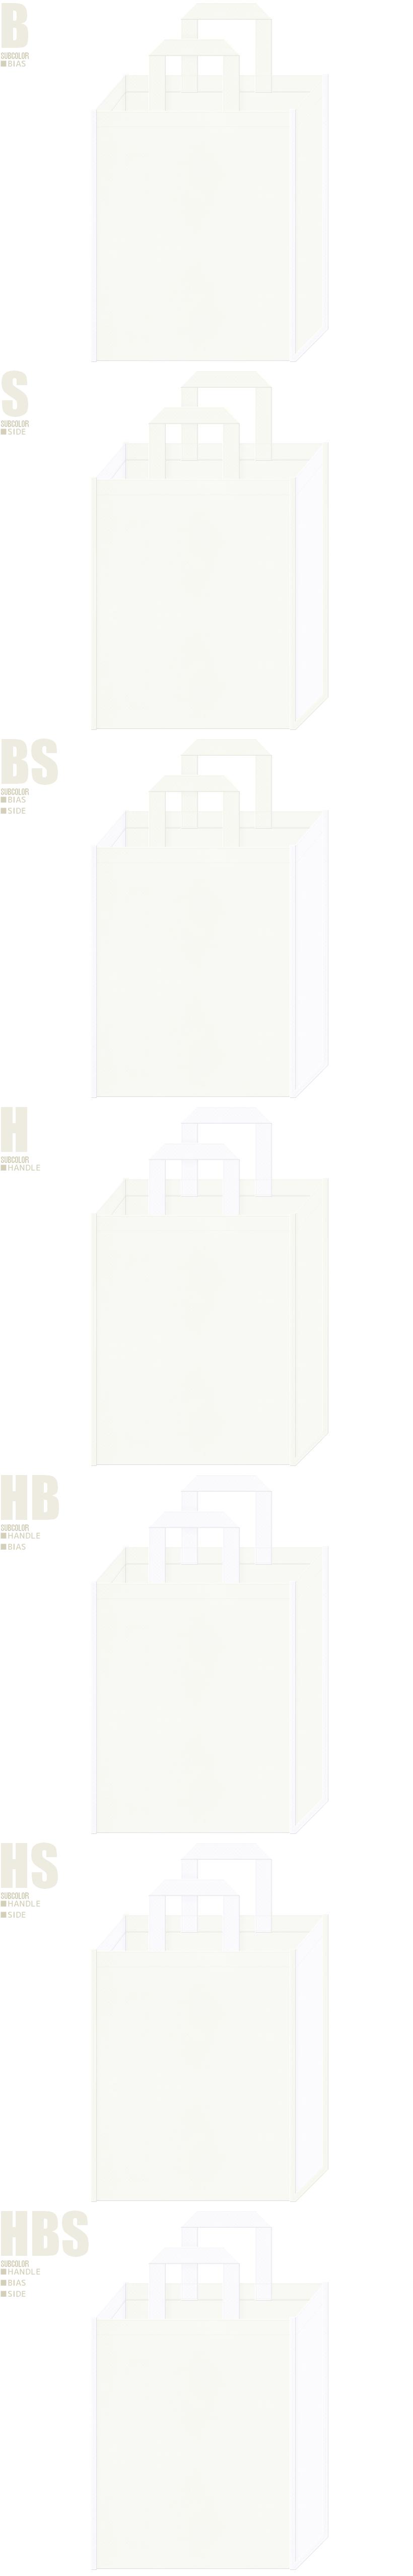 オフホワイト色と白色の不織布バッグ:配色7パターンのデザイン